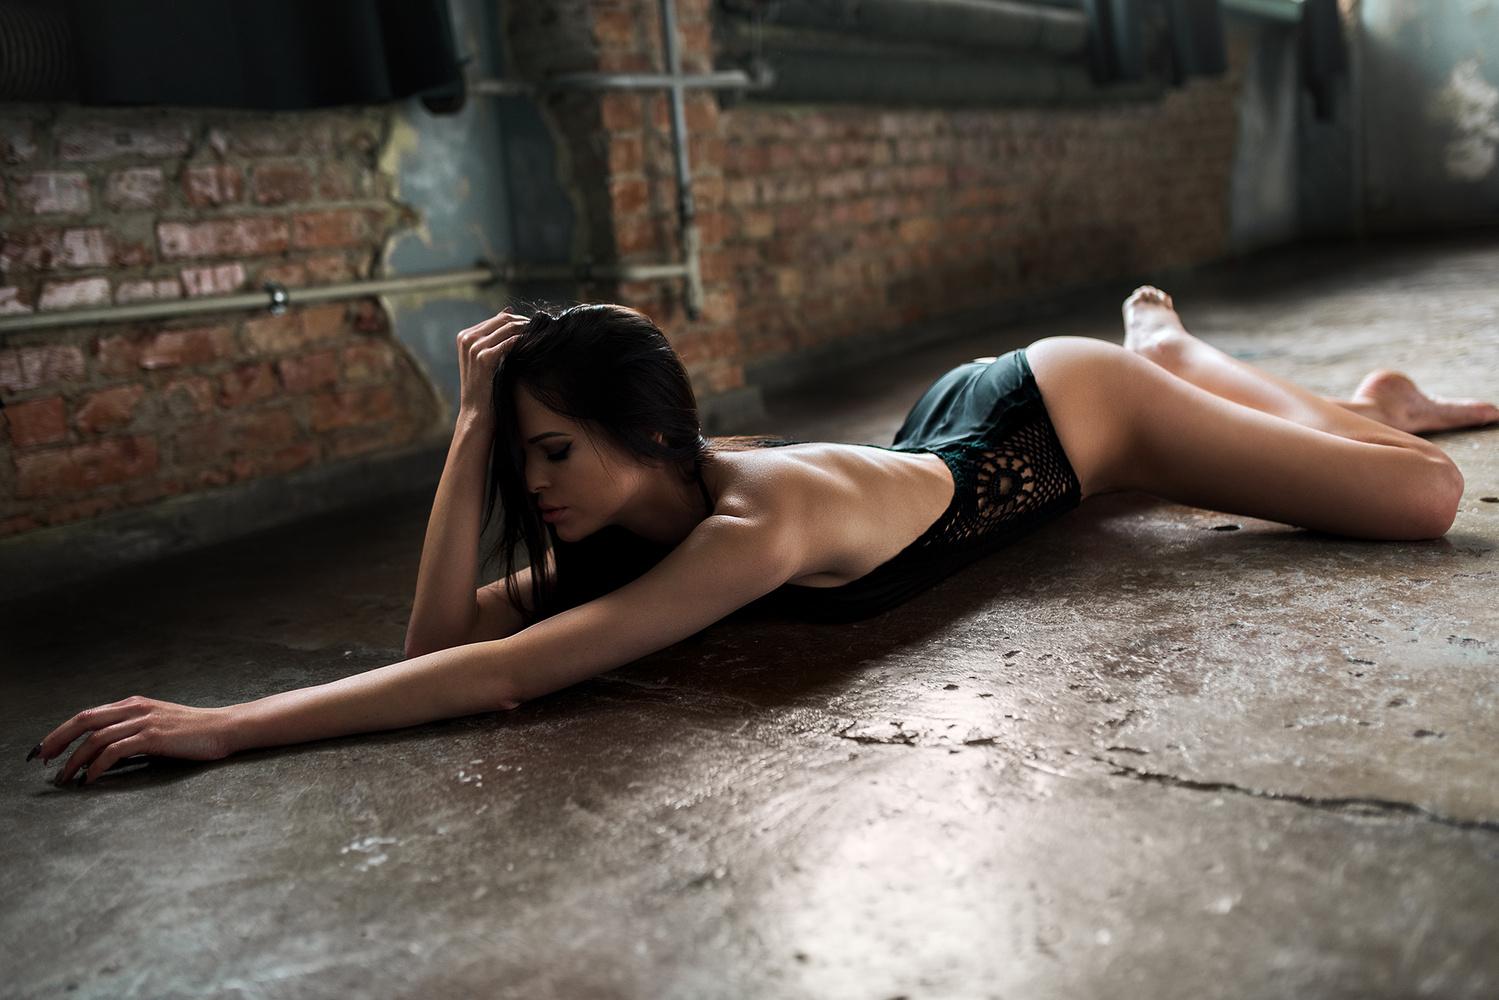 sensual by Budych by Krzysztof Budych